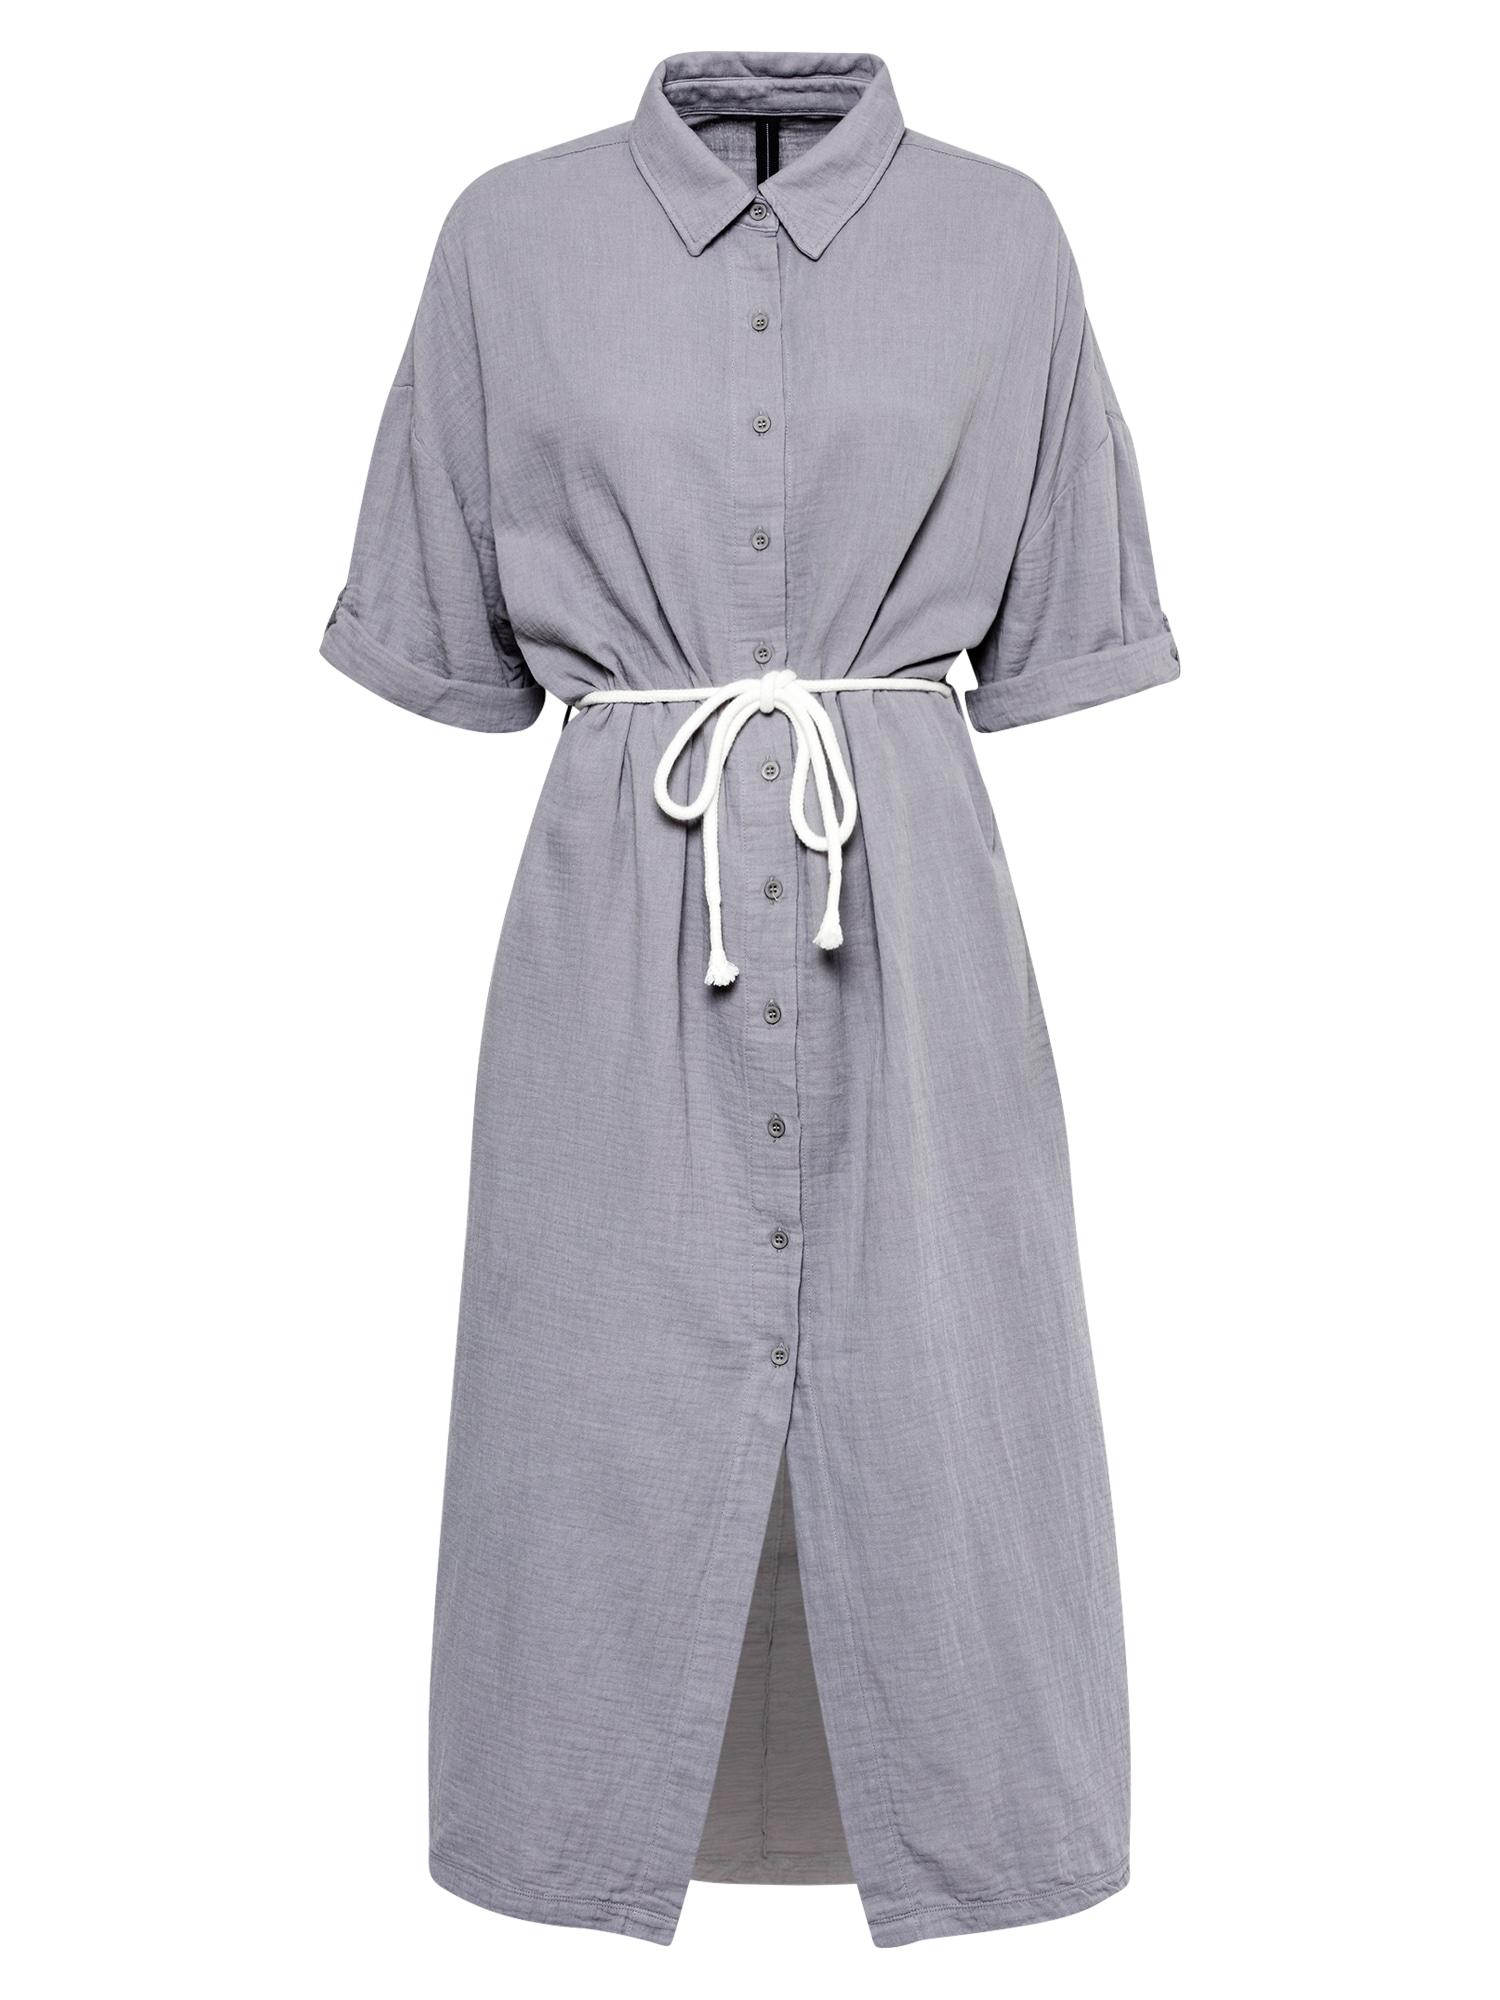 10Days Palaidinės tipo suknelė pilka